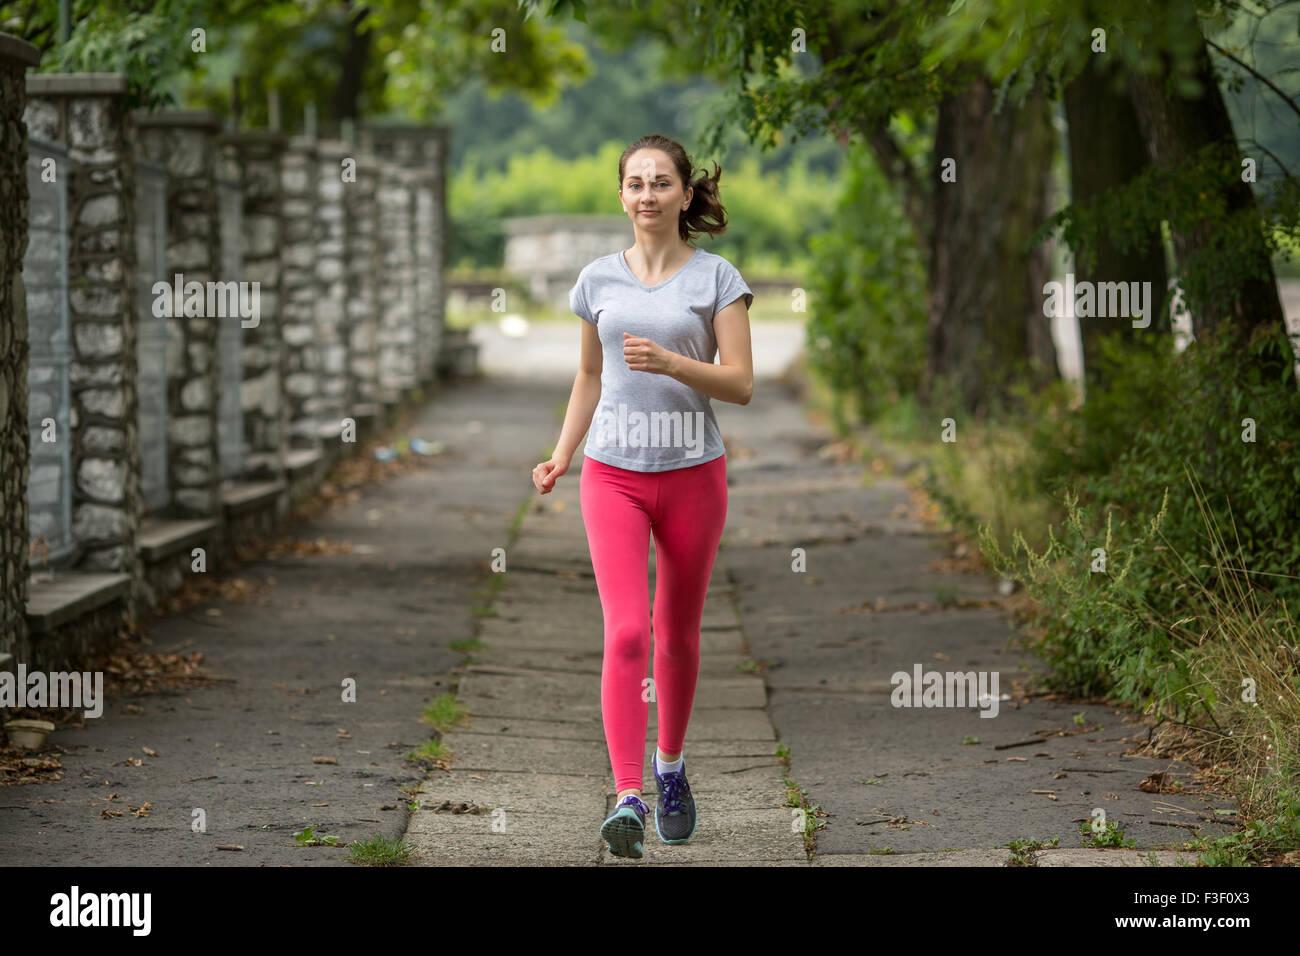 Sport Giovane ragazza durante una corsetta nel parco. In funzione, uno stile di vita sano. Immagini Stock